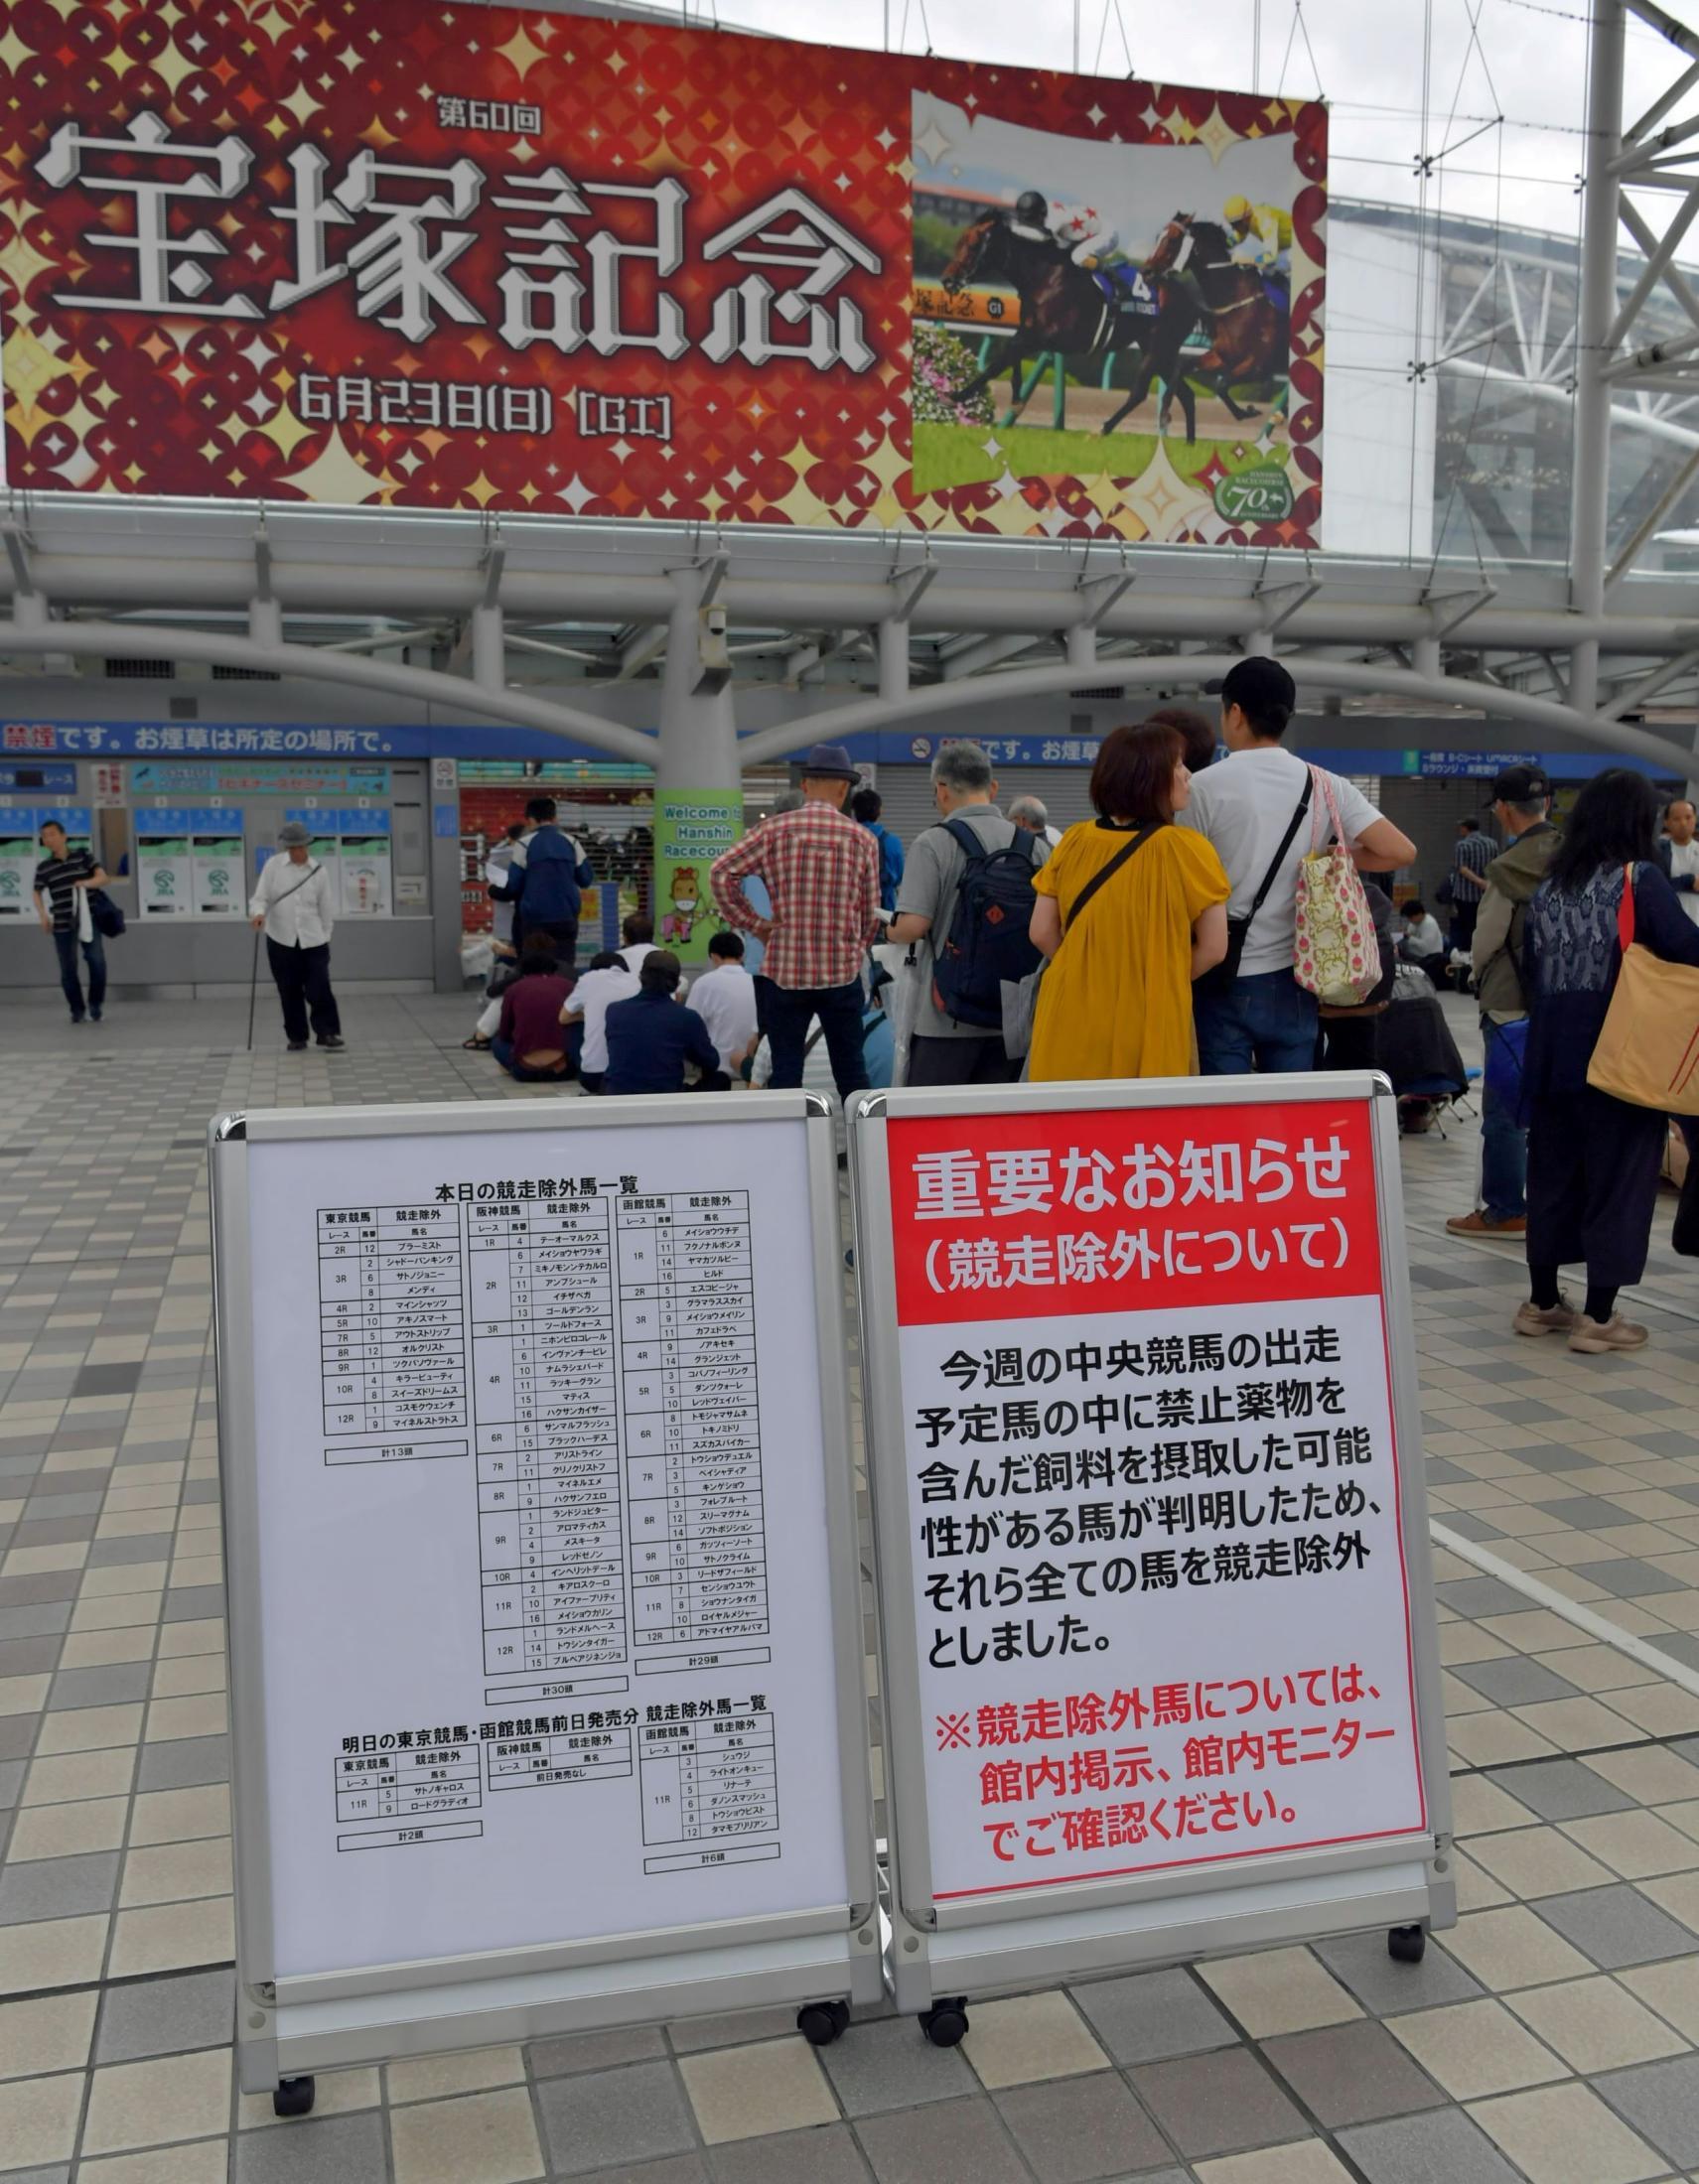 大量の競走除外馬が出たことを知らせる看板=15日、阪神競馬場